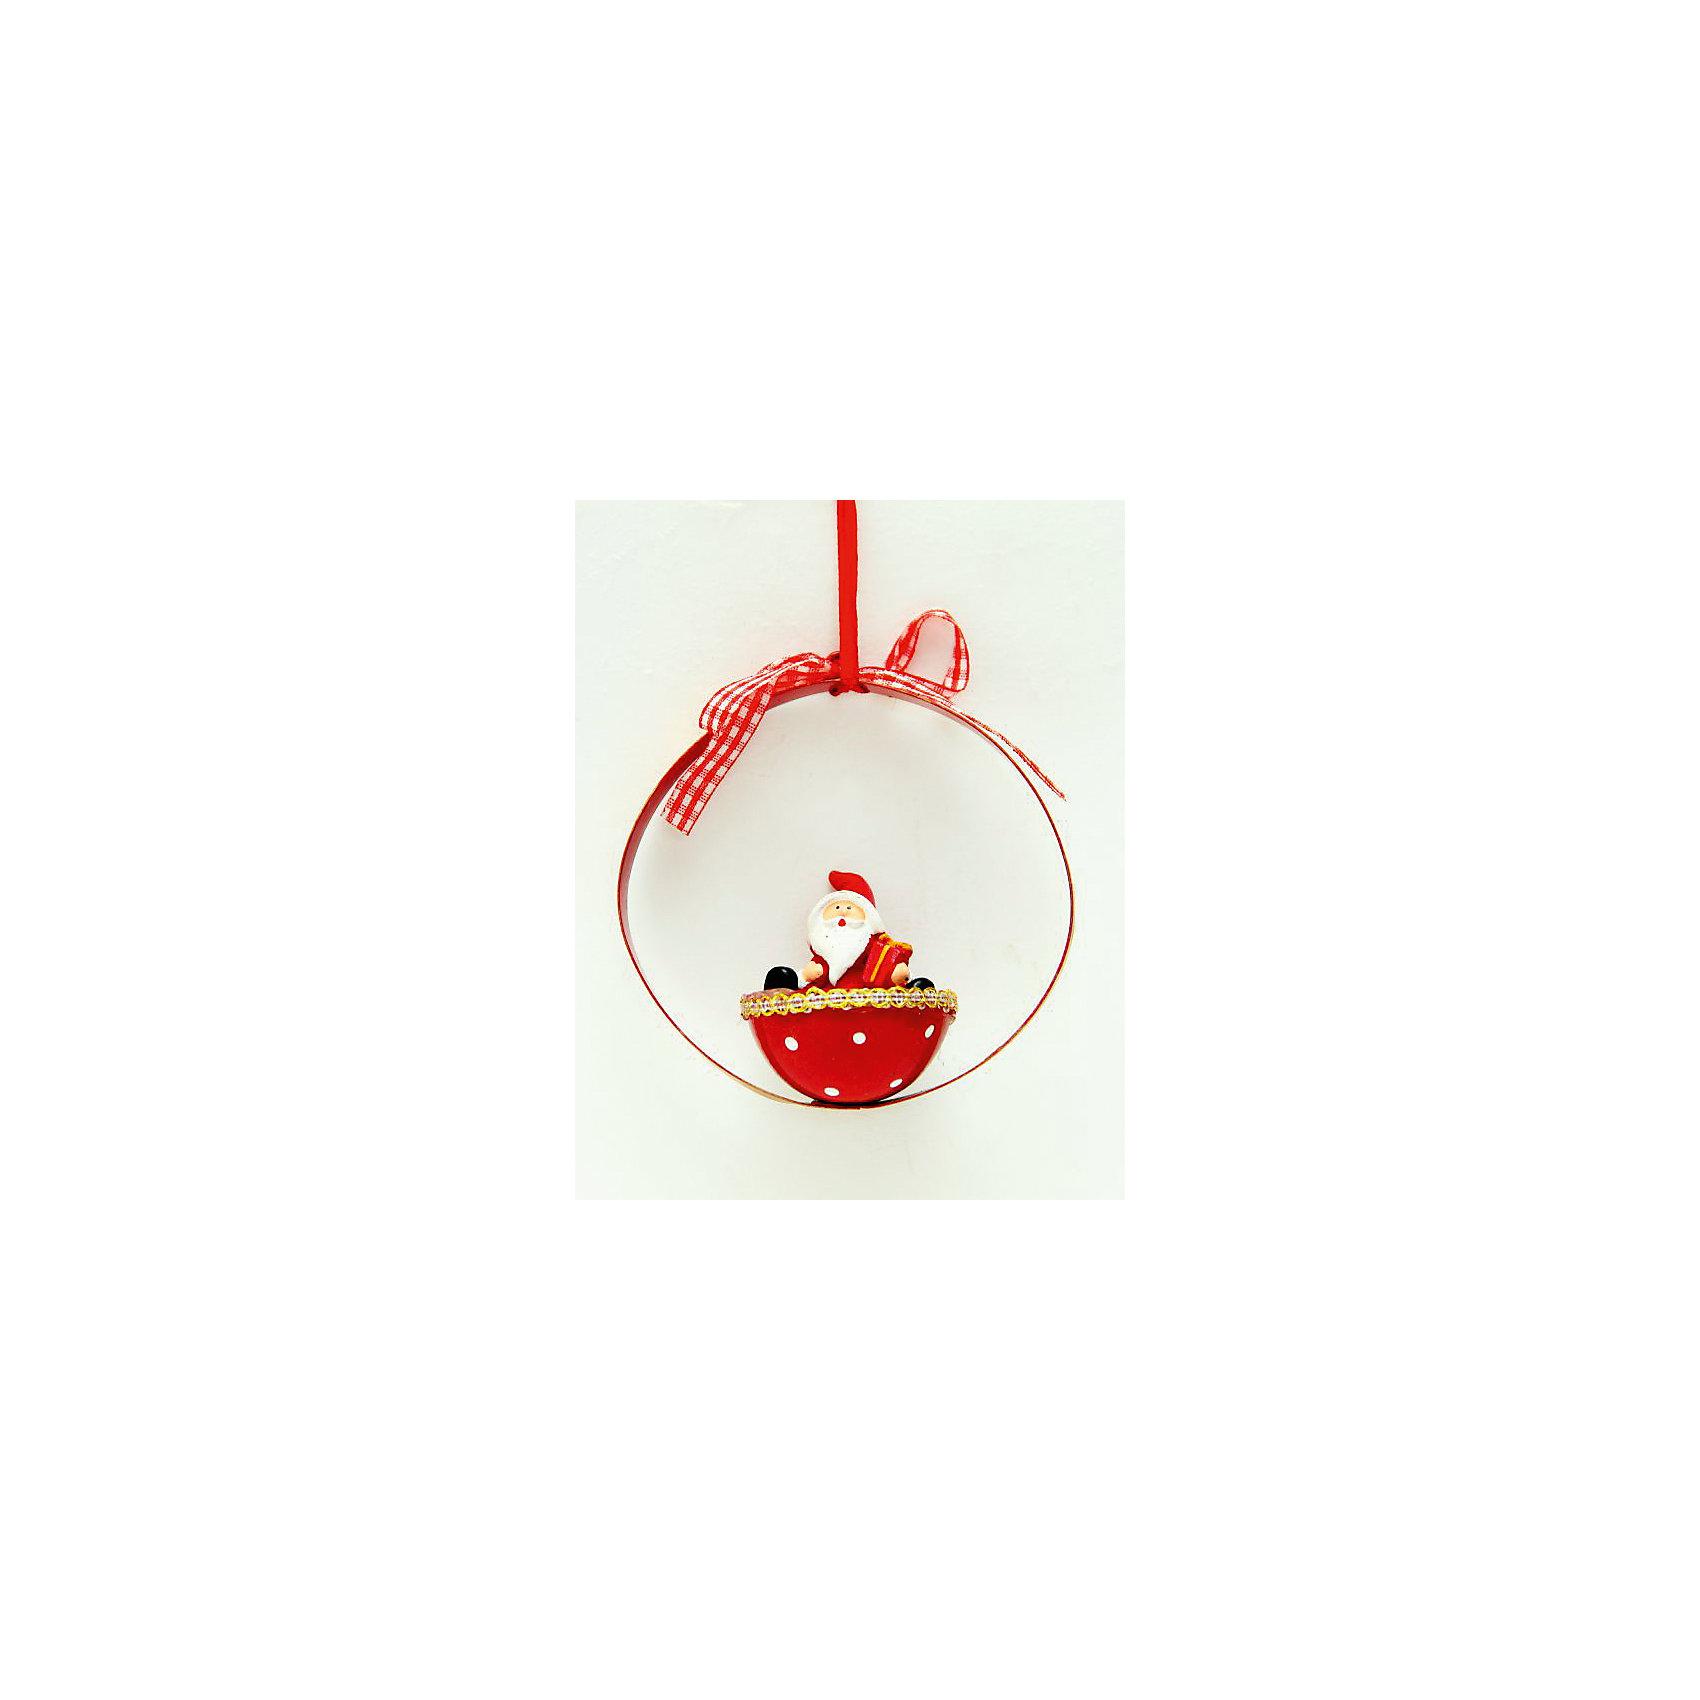 Новогоднее украшение Дед Мороз в корзинкеНовинки Новый Год<br>Новогоднее украшение – это декоративное украшение замечательно украсит интерьер.<br>Изящное новогоднее украшение выполнено из полирезины и черного металла в виде Деда Мороза в корзинке. С помощью специальной текстильной петельки украшение можно повесить в любом понравившемся вам месте. Но, конечно, удачнее всего такая игрушка будет смотреться на праздничной елке. Новогодние украшения приносят в дом волшебство и ощущение праздника. Создайте в своем доме атмосферу веселья и радости, украшая новогоднюю елку нарядными игрушками, которые будут из года в год накапливать теплоту воспоминаний.<br><br>Дополнительная информация:<br><br>- Размер: 9,3 х 4,7 х 9.3 см.<br>- Цвет: красный<br>- Материал: полирезина, черный металл<br><br>Новогоднее украшение принесет в ваш дом ни с чем несравнимое ощущение волшебства!<br><br>Новогоднее украшение можно купить в нашем интернет-магазине.<br><br>Ширина мм: 110<br>Глубина мм: 60<br>Высота мм: 110<br>Вес г: 100<br>Возраст от месяцев: 36<br>Возраст до месяцев: 2147483647<br>Пол: Унисекс<br>Возраст: Детский<br>SKU: 4276468